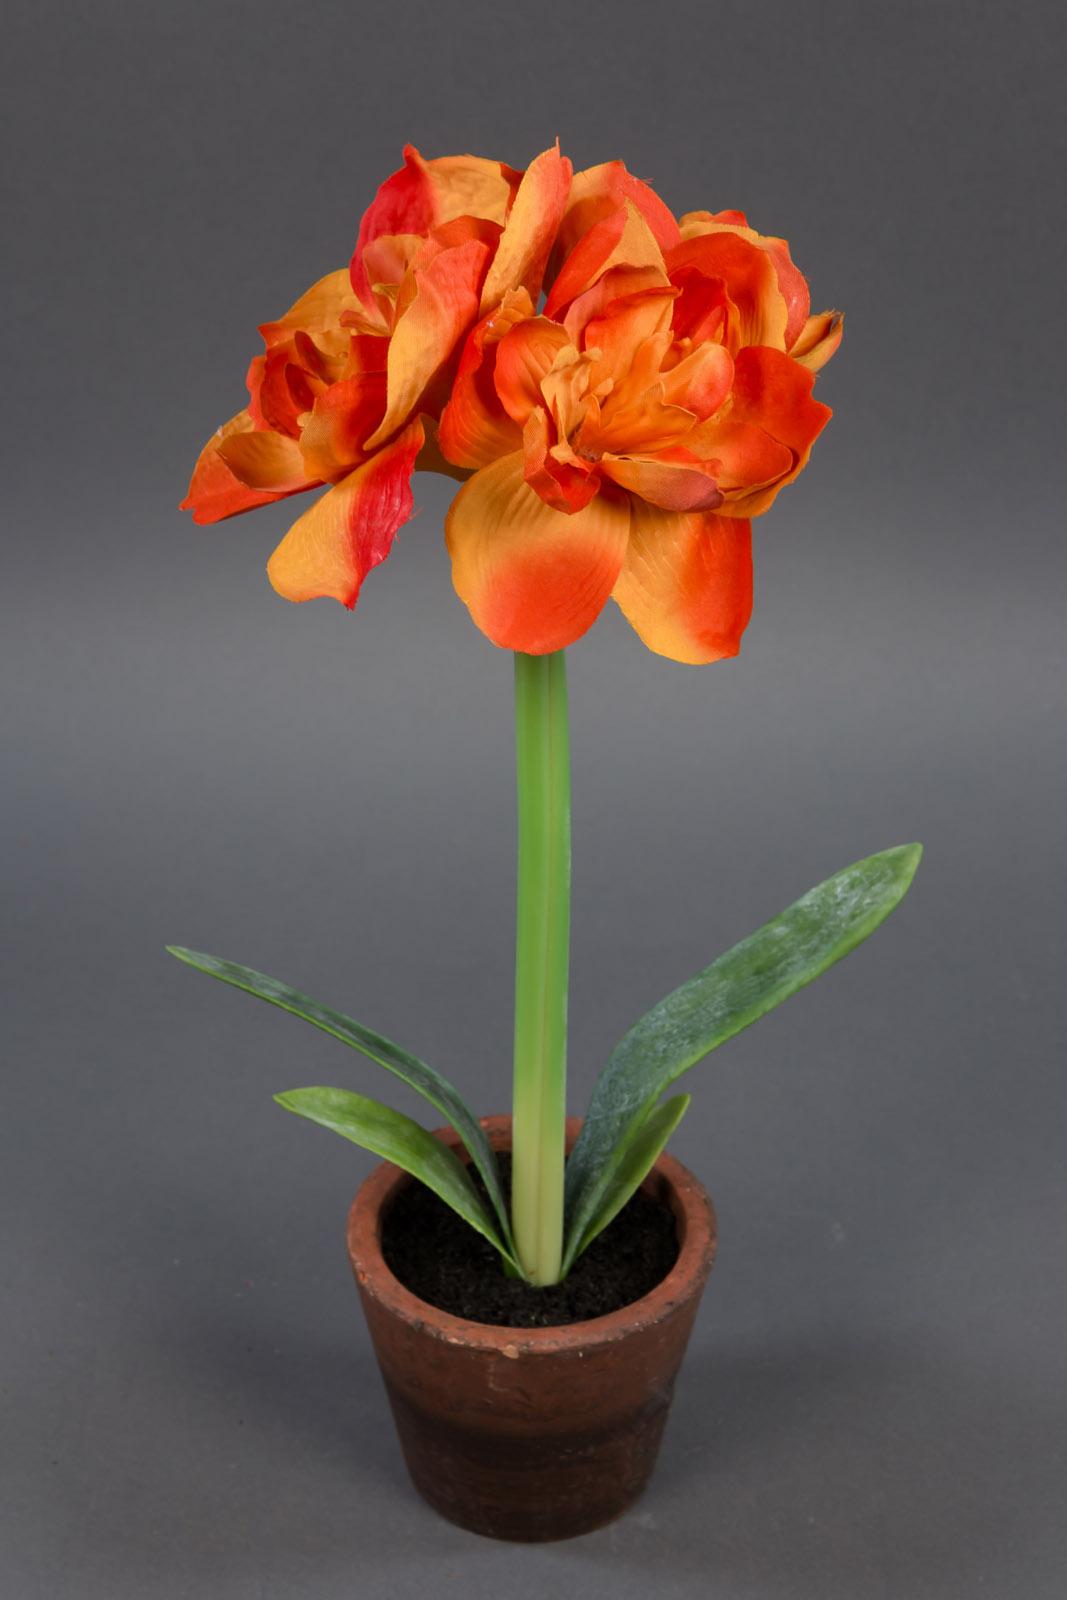 amaryllispflanze 38cm orange ad kunstpflanzen k nstliche amaryllis blumen ebay. Black Bedroom Furniture Sets. Home Design Ideas